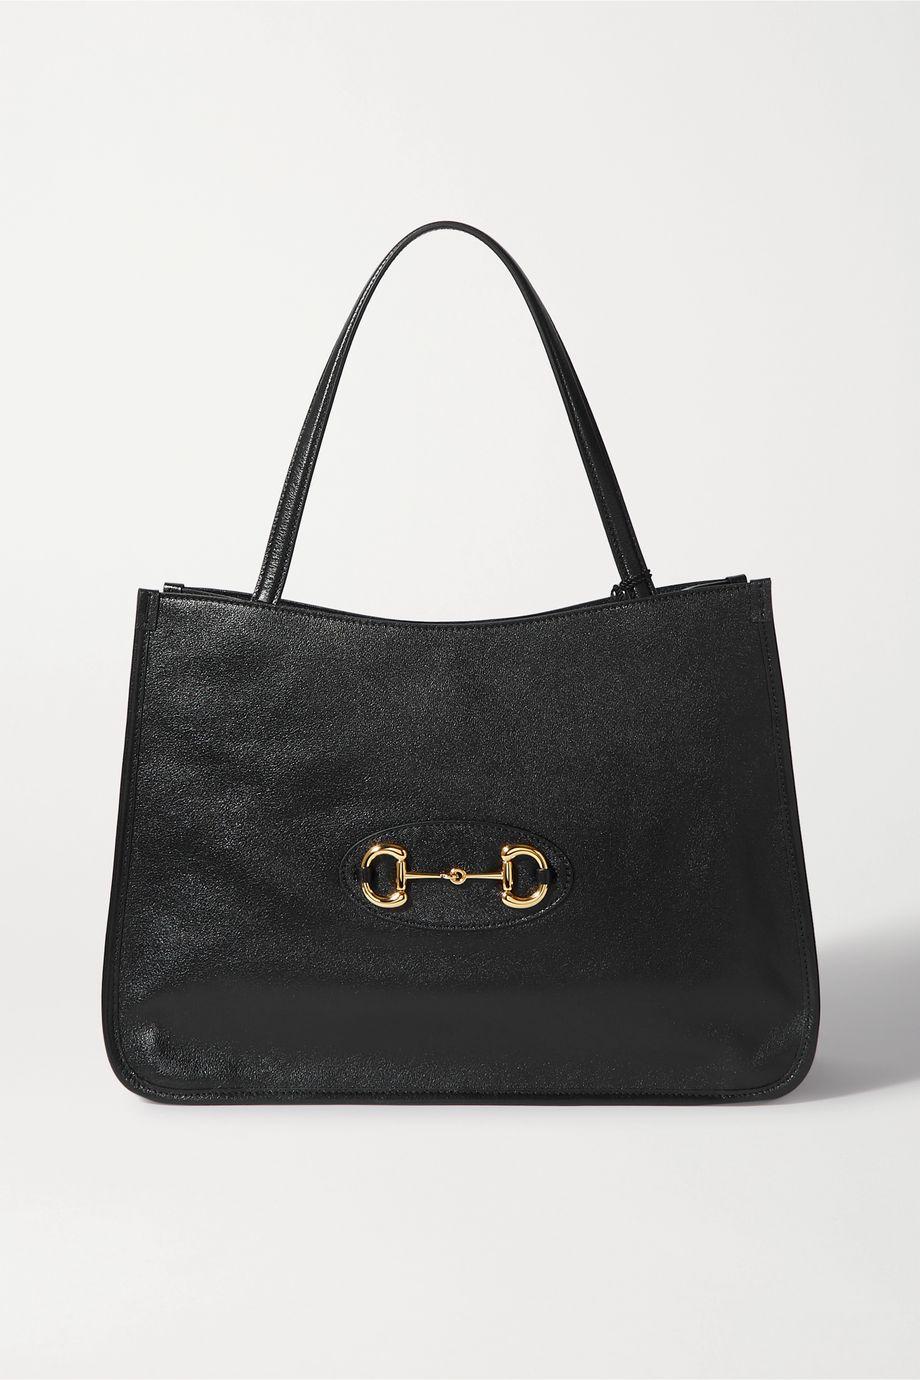 Gucci 1955 Horsebit medium leather tote